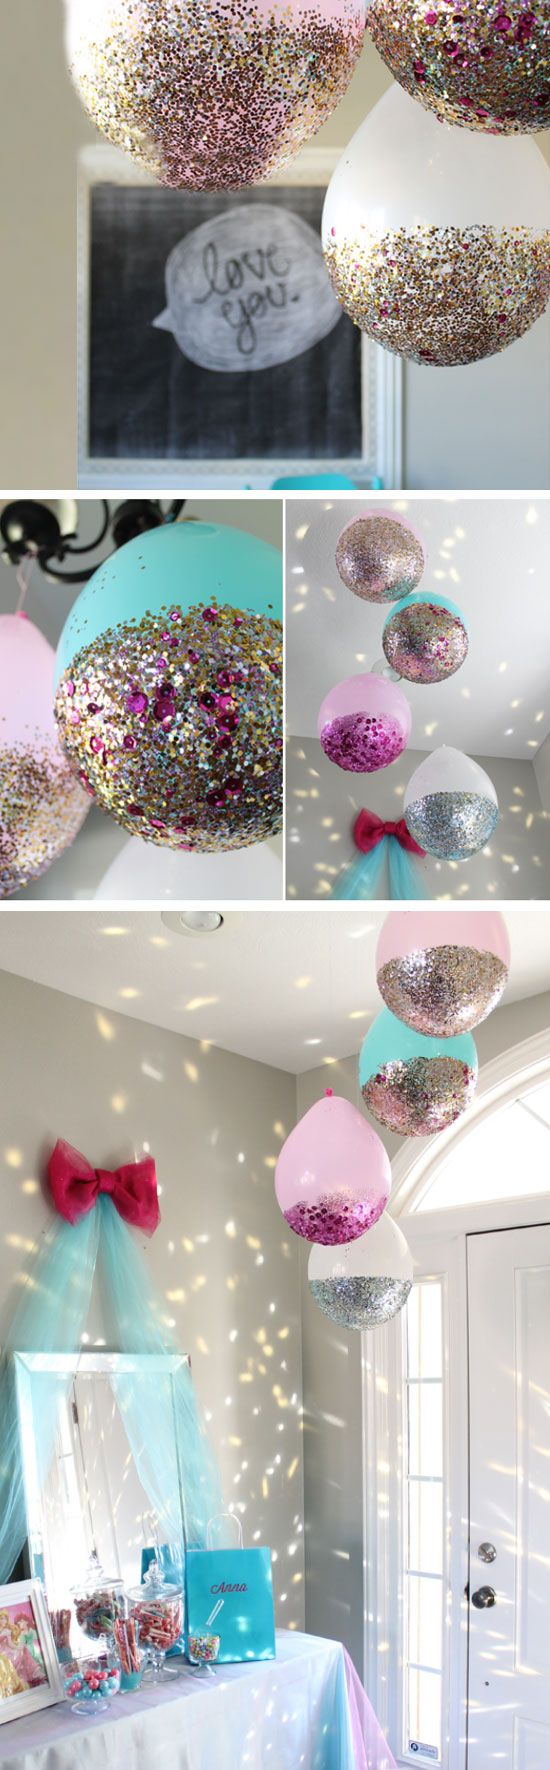 szilveszter új év BÚÉK dekoráció